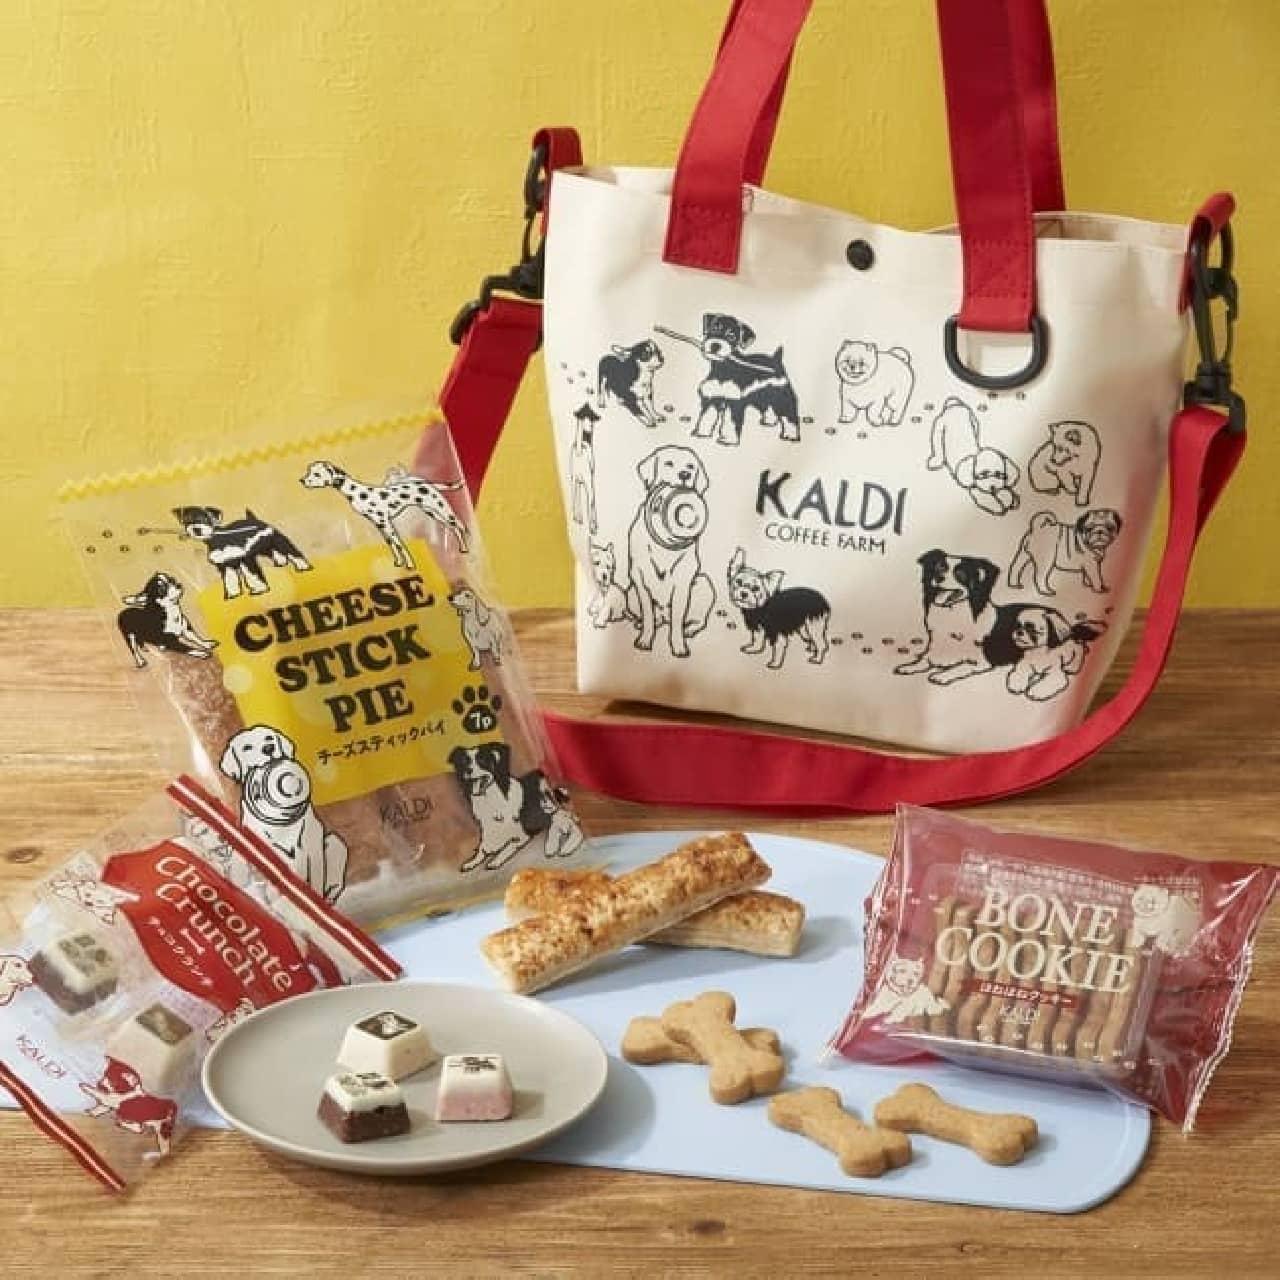 カルディに「いぬの日おさんぽバッグ」が登場--散歩に便利なショルダータイプ、ほね型のバタークッキーも